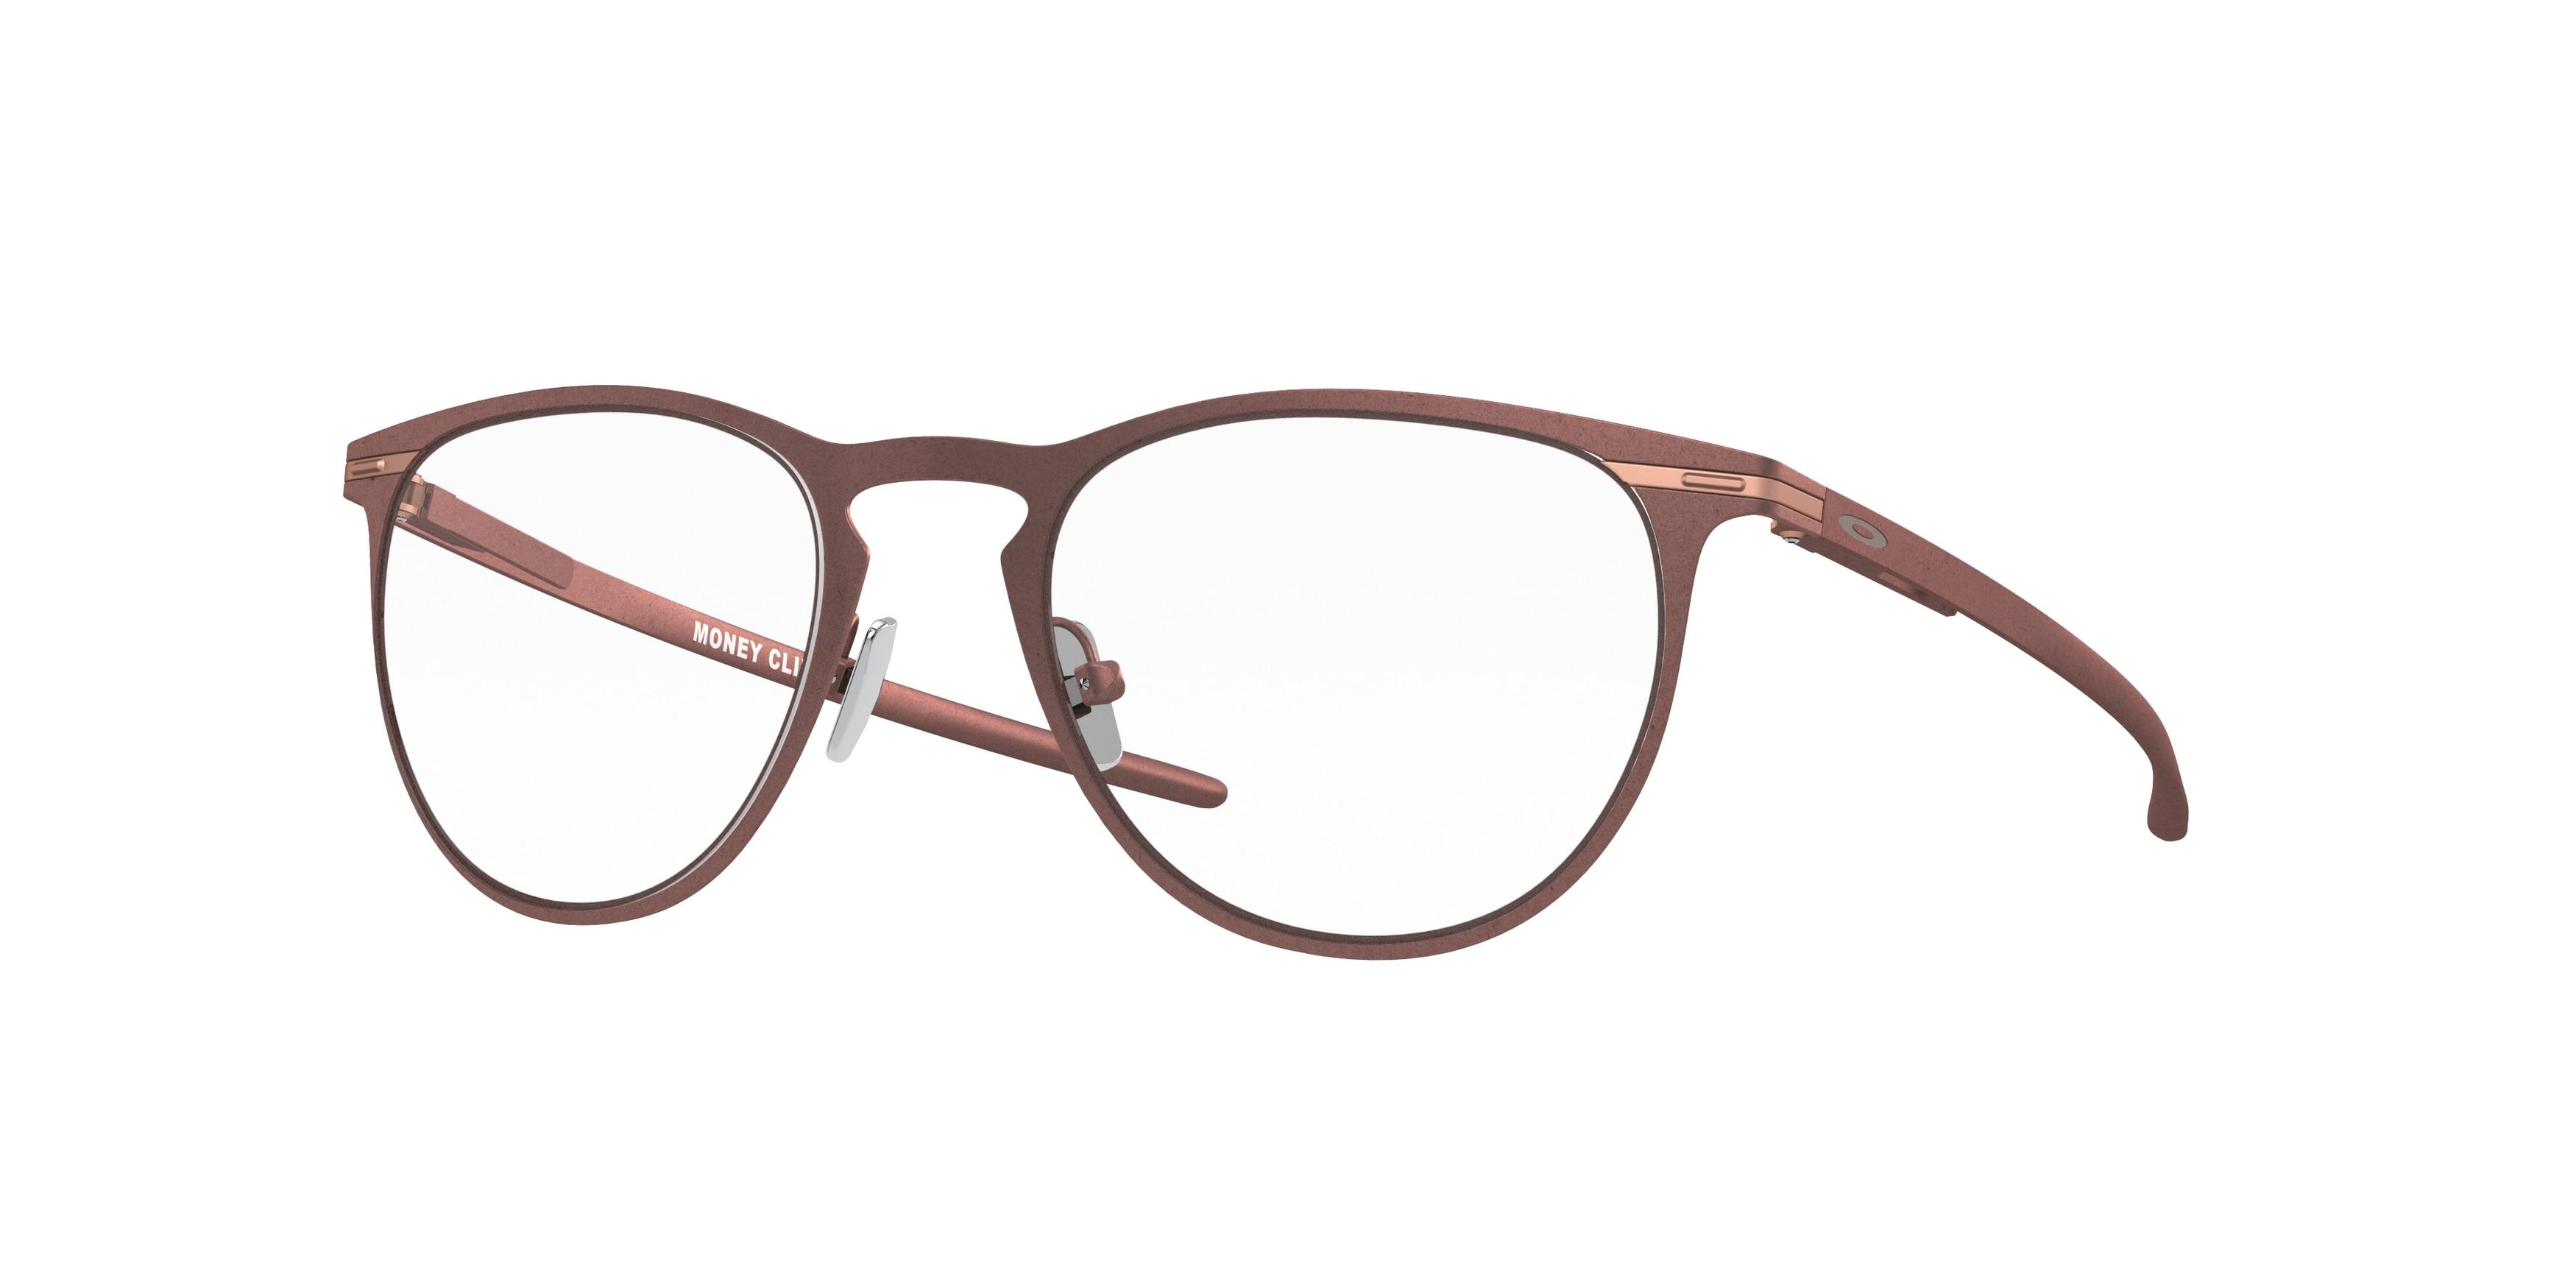 Oakley 0OX5145